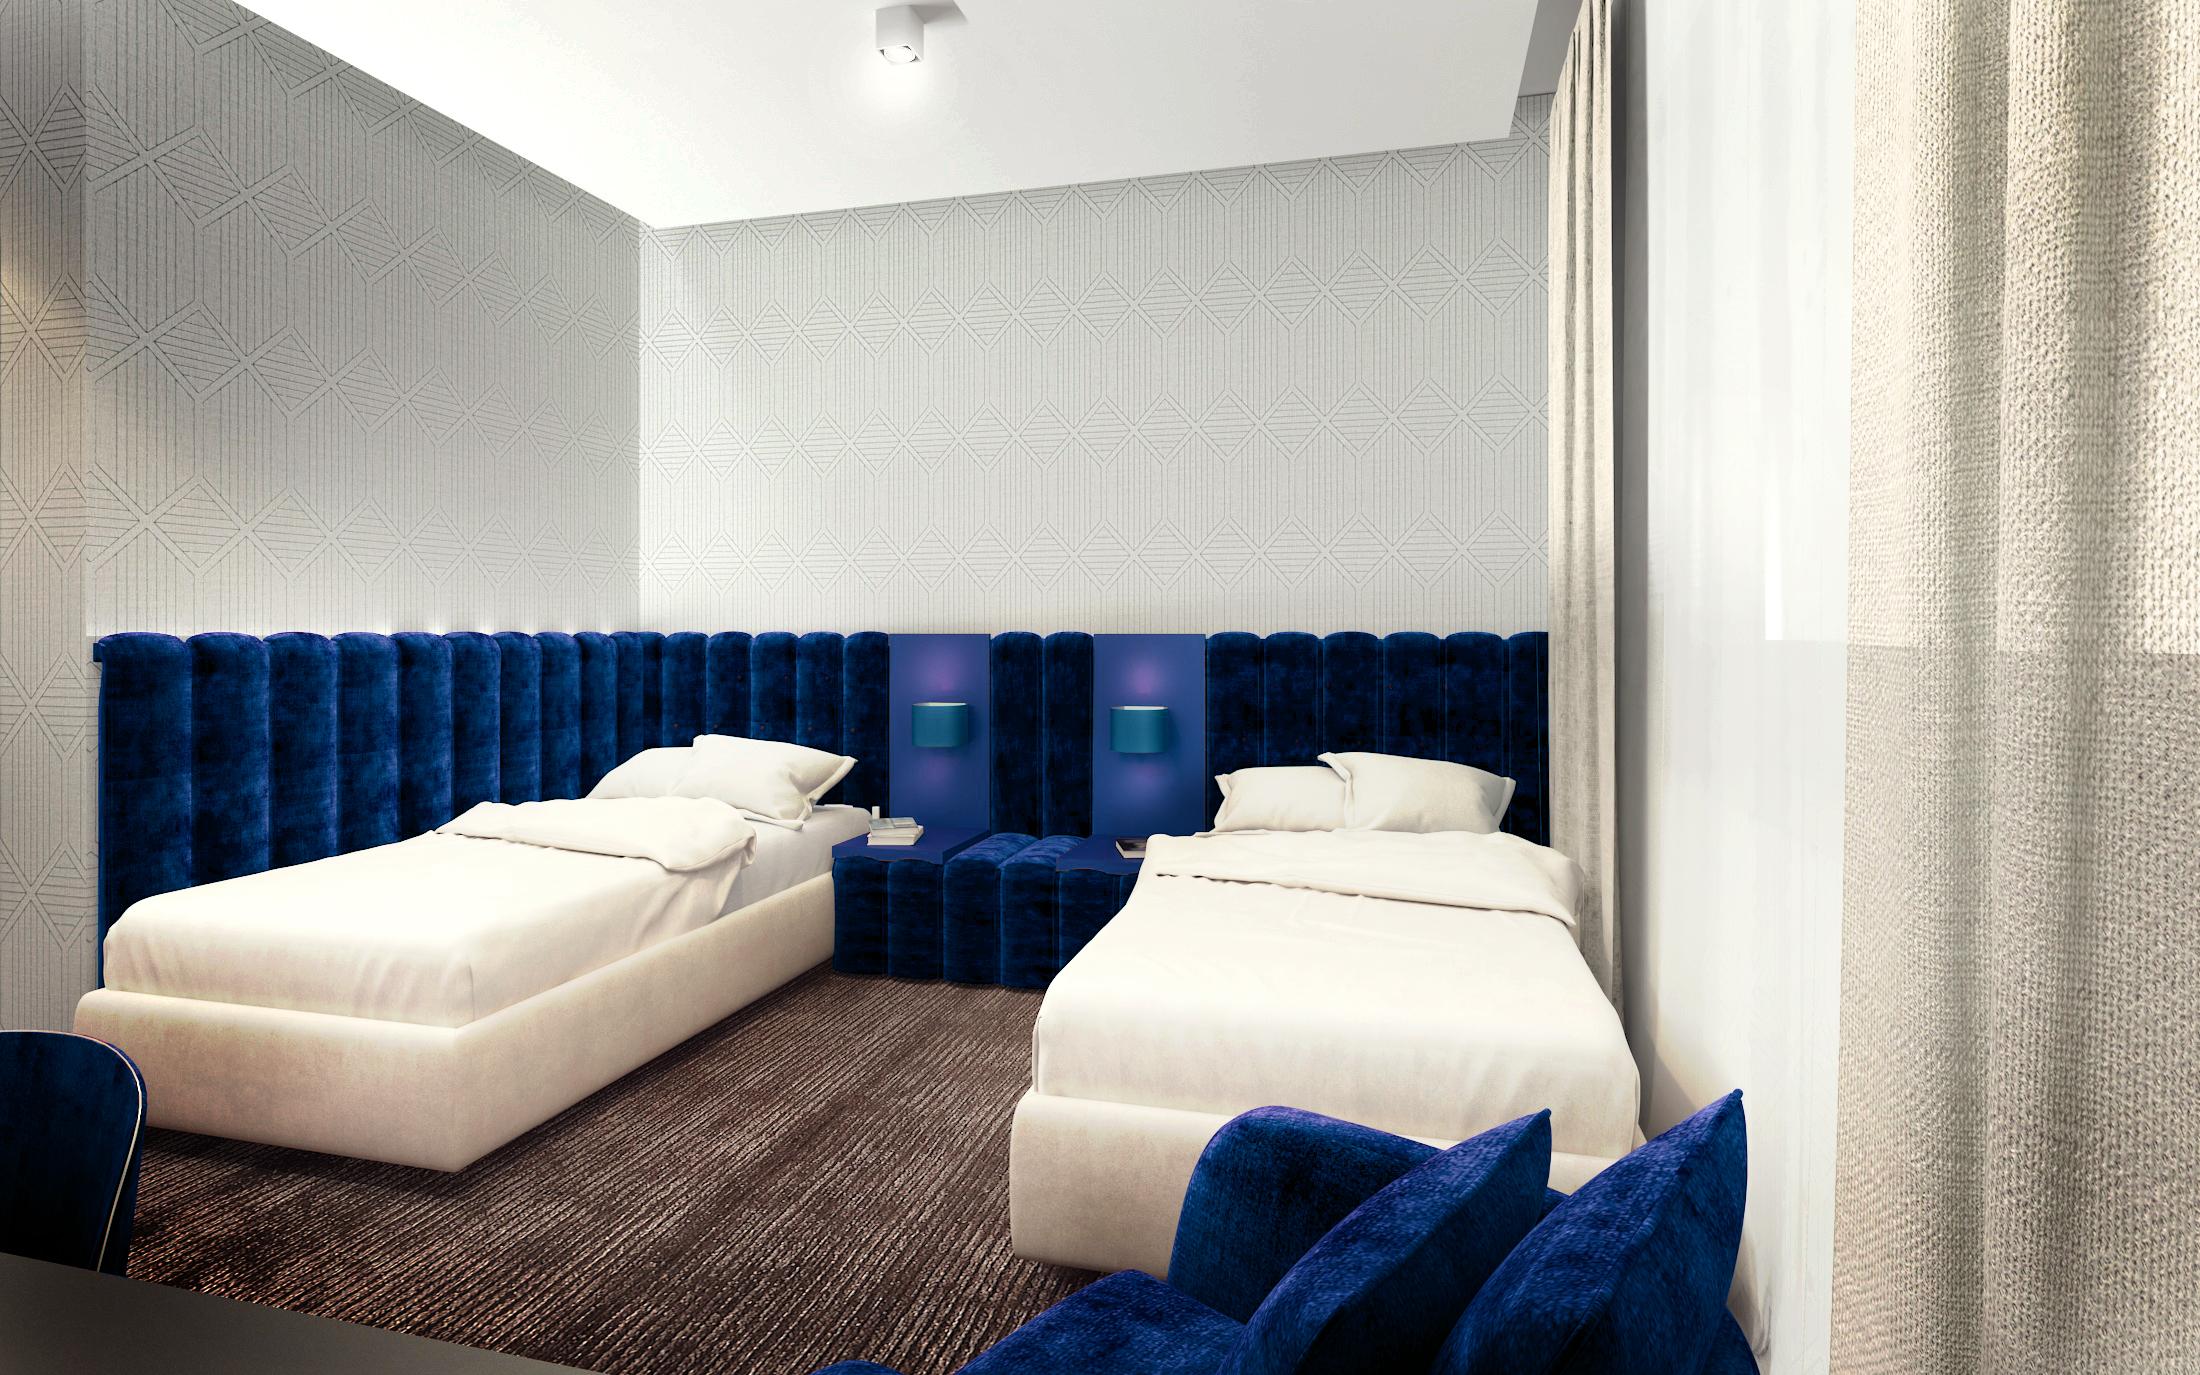 Projekt szafirowego pokoju hotelowego z dwoma łóżkami i tapicerowanymi zagłówkami z białymi ścianami